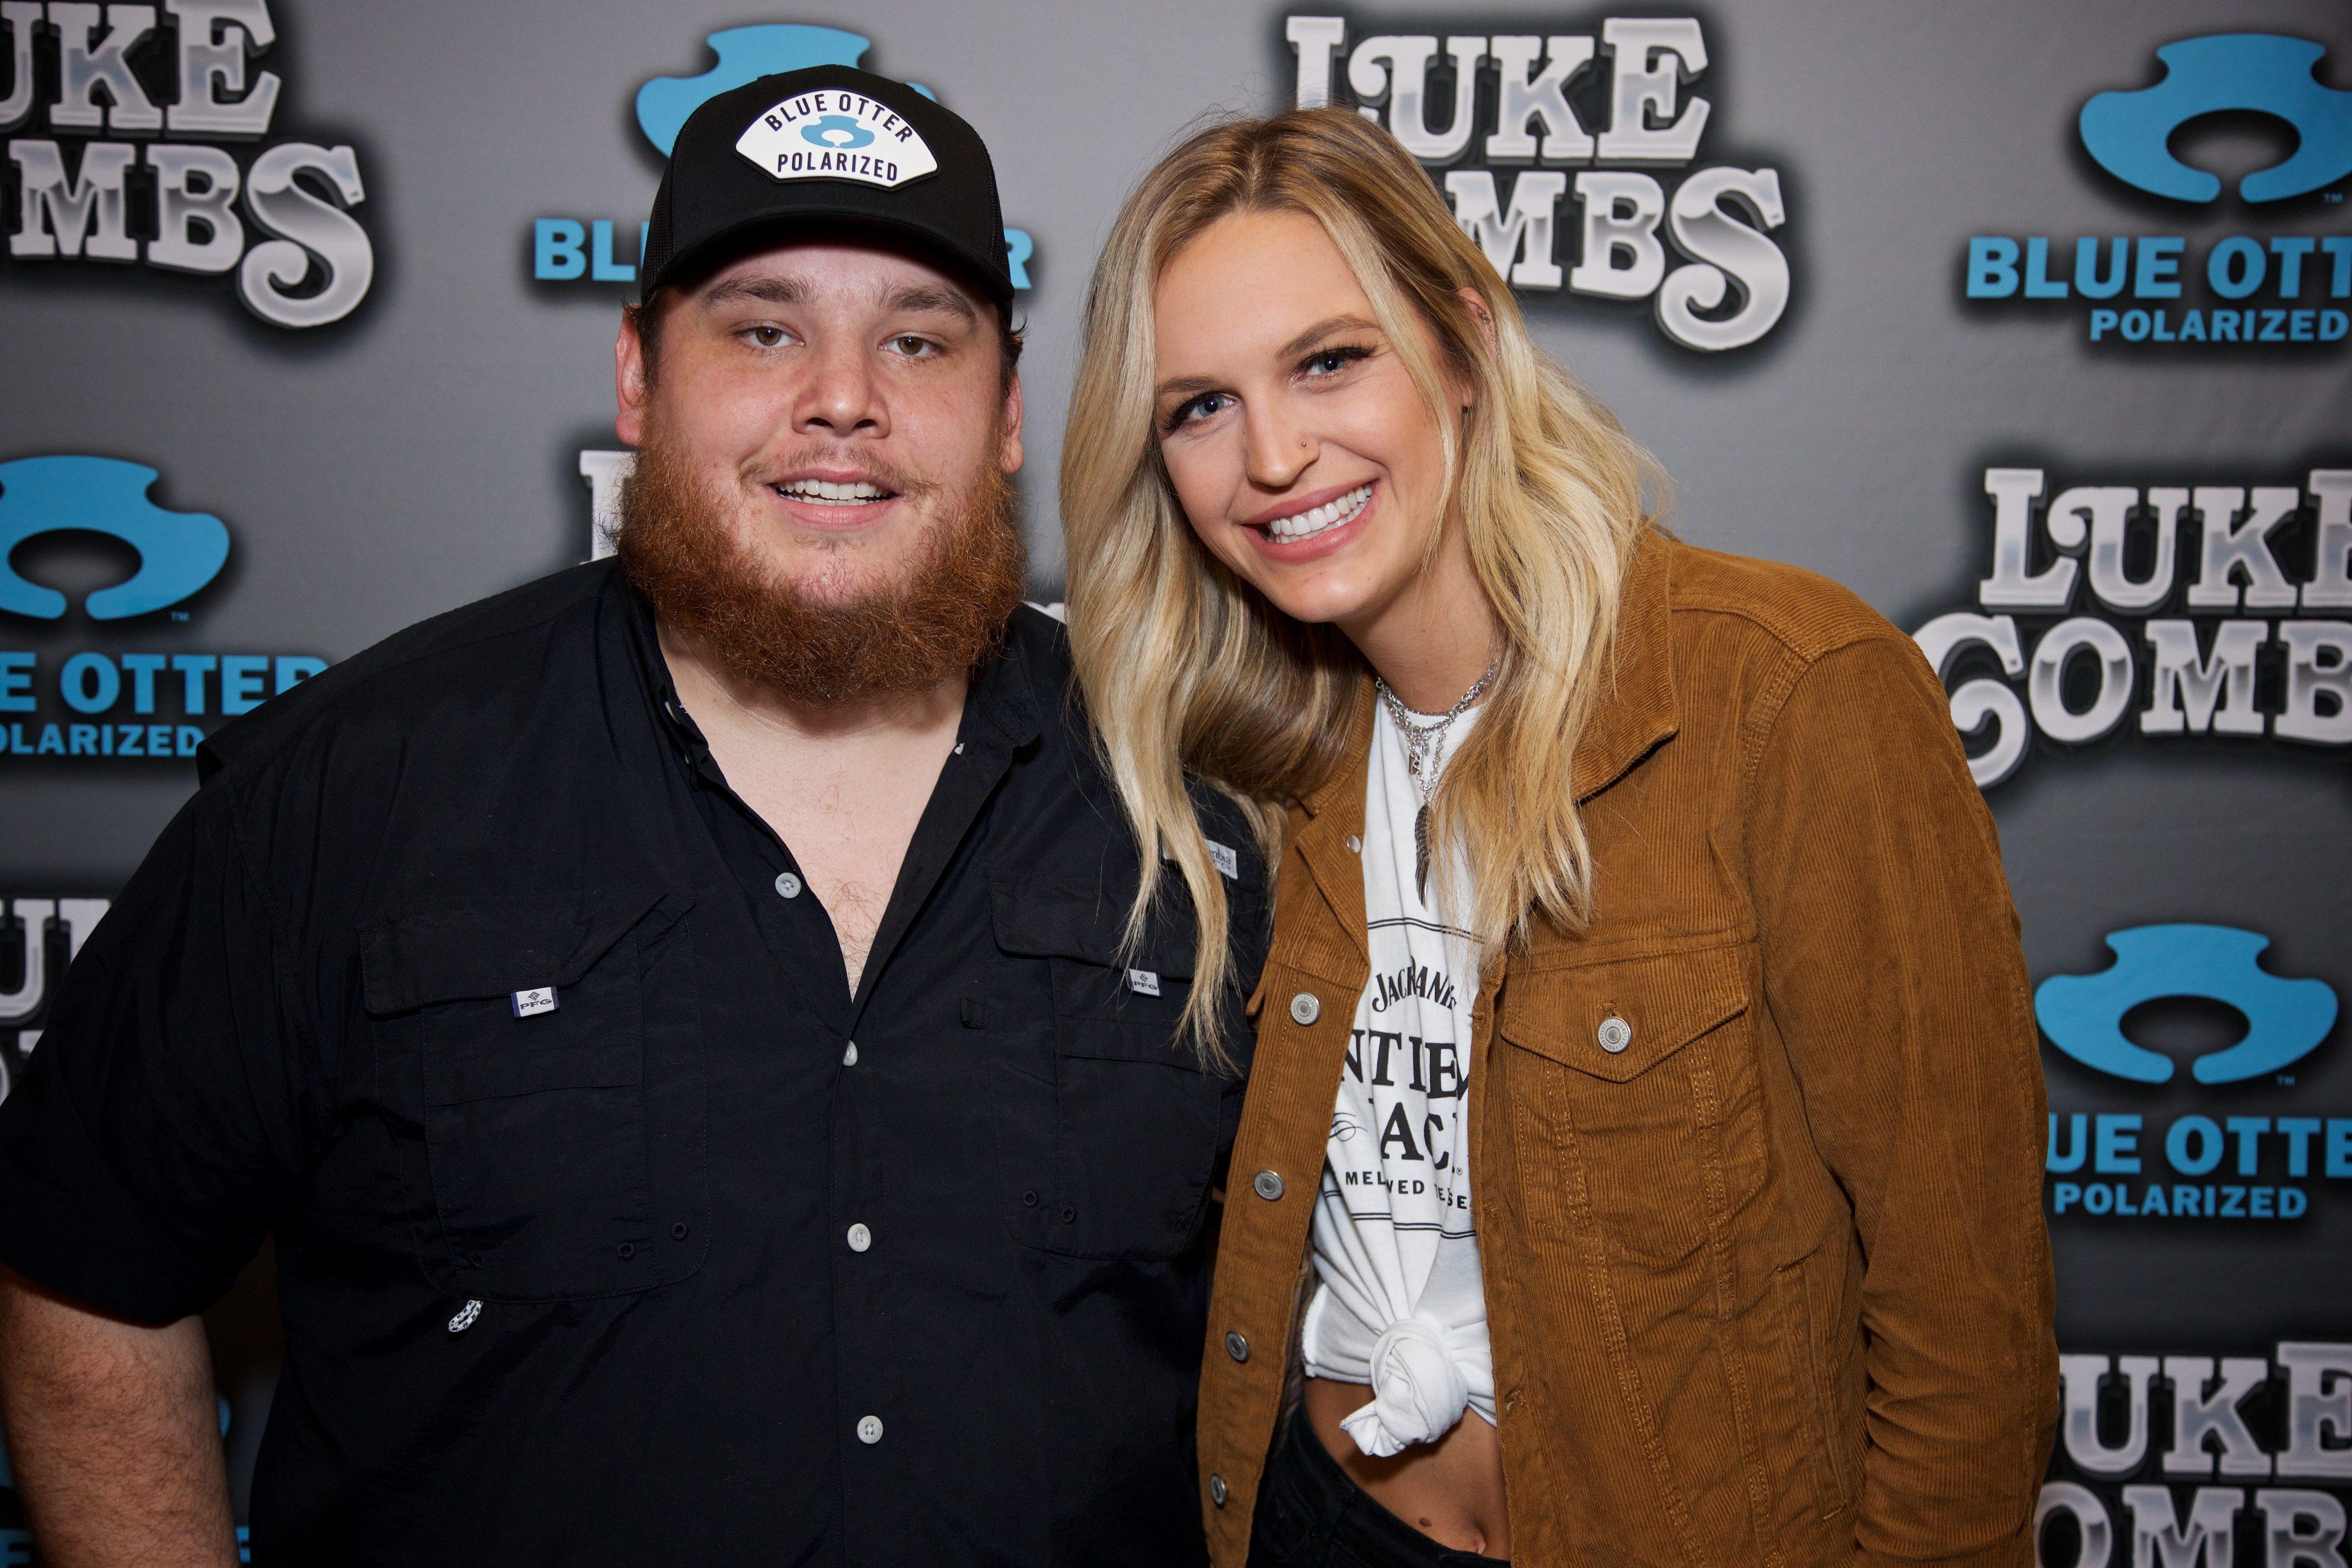 20191213_Luke_Combs_Nashville_0341